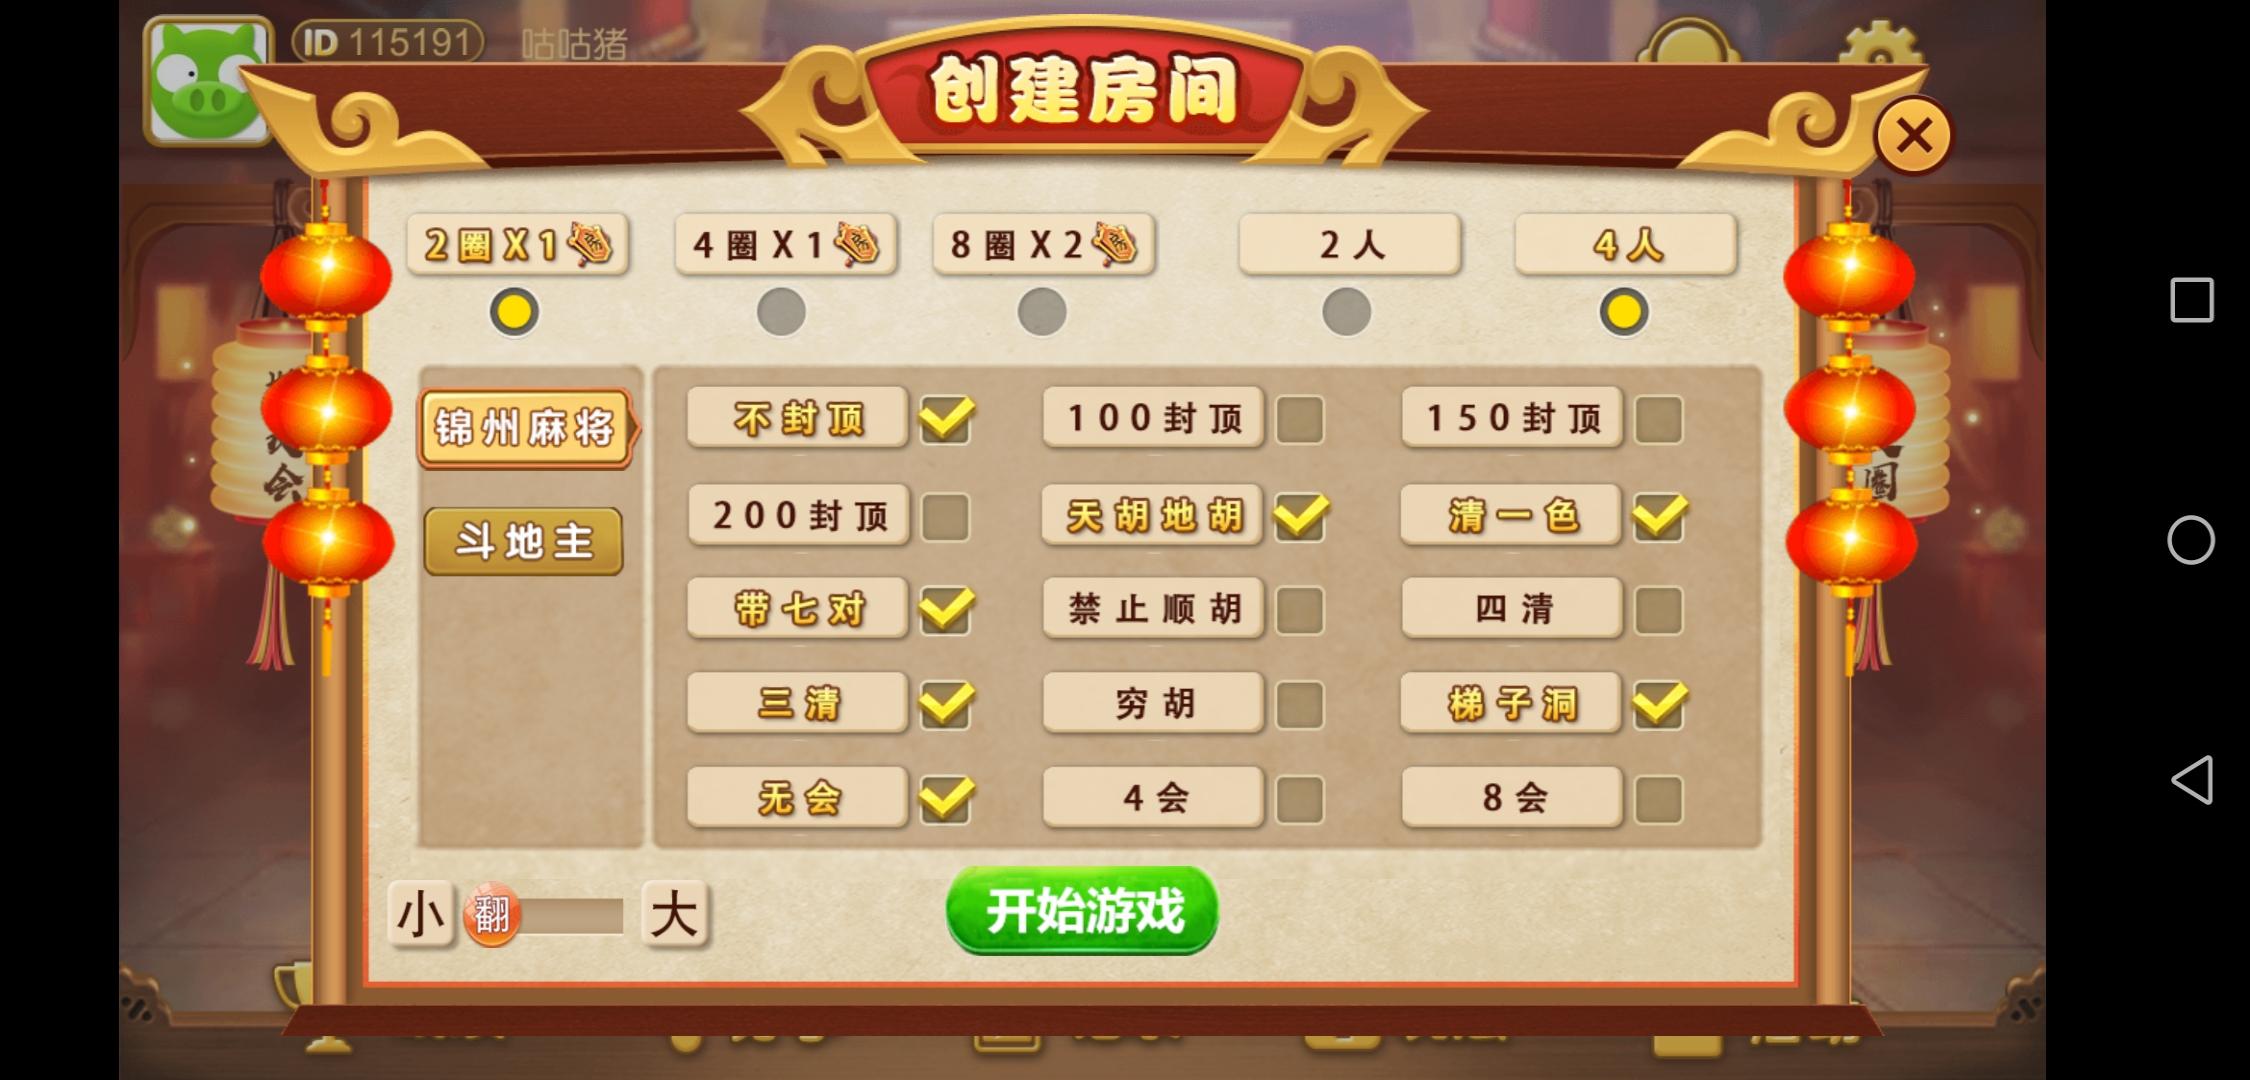 锦州麻将截图(3)